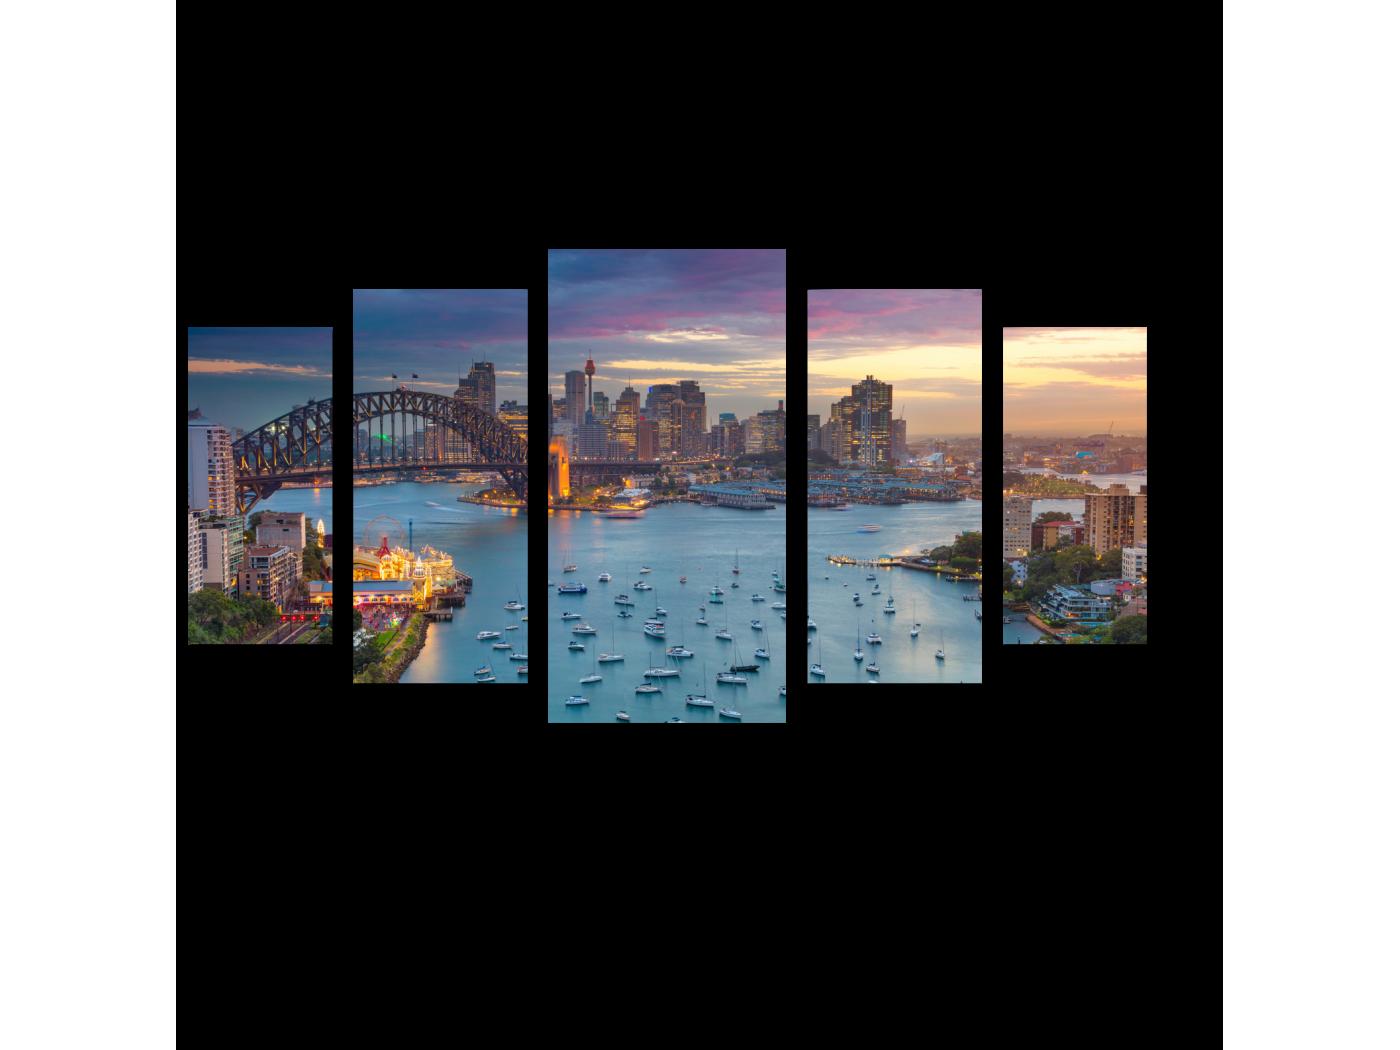 Модульная картина Сидней с высоты птичьего полета (100x55) фото